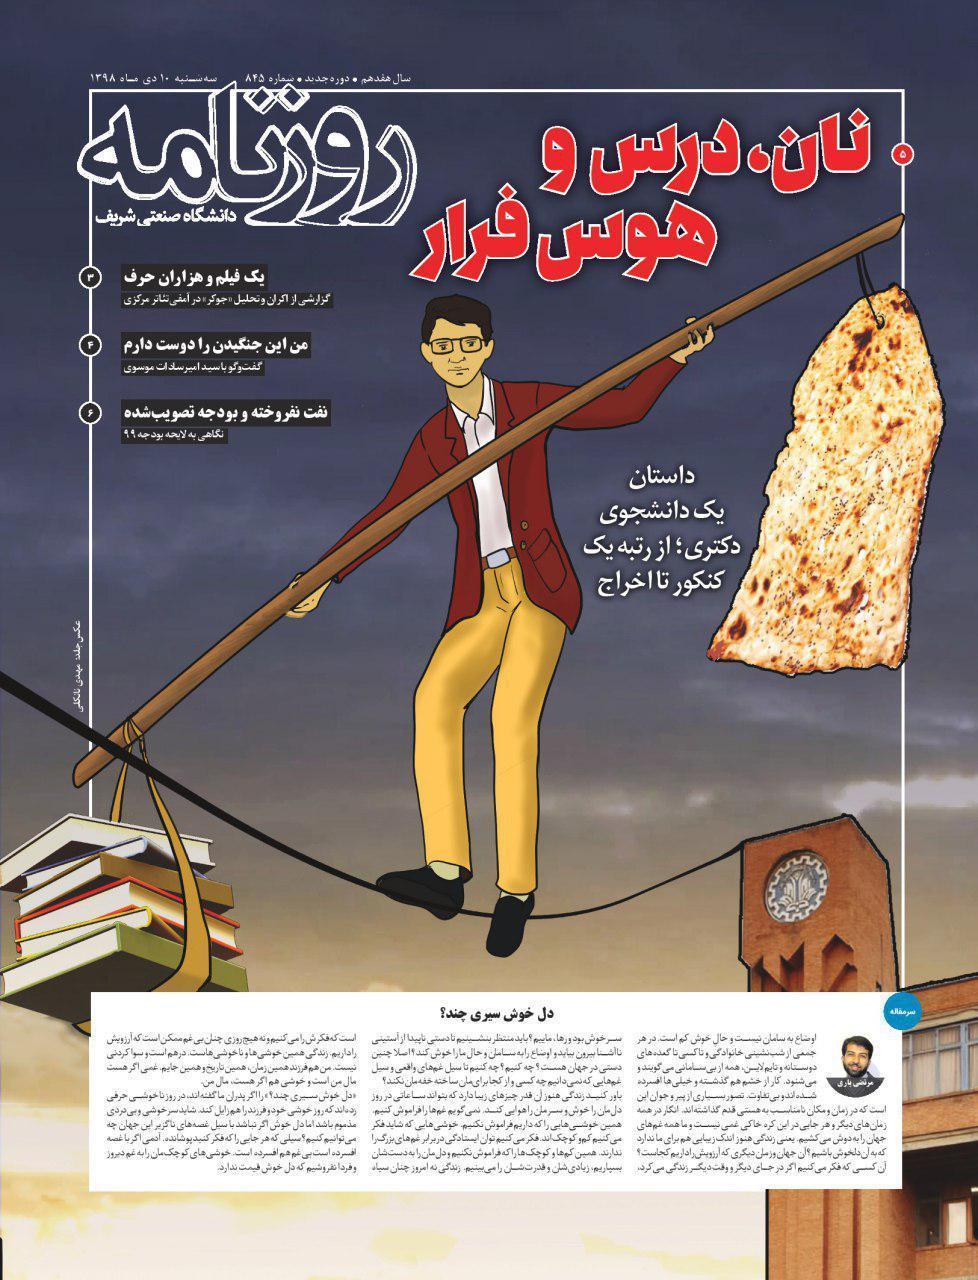 نان، درس و هوس فرار، شماره 845 نشریه دانشجویی روزنامه شریف منتشر شد